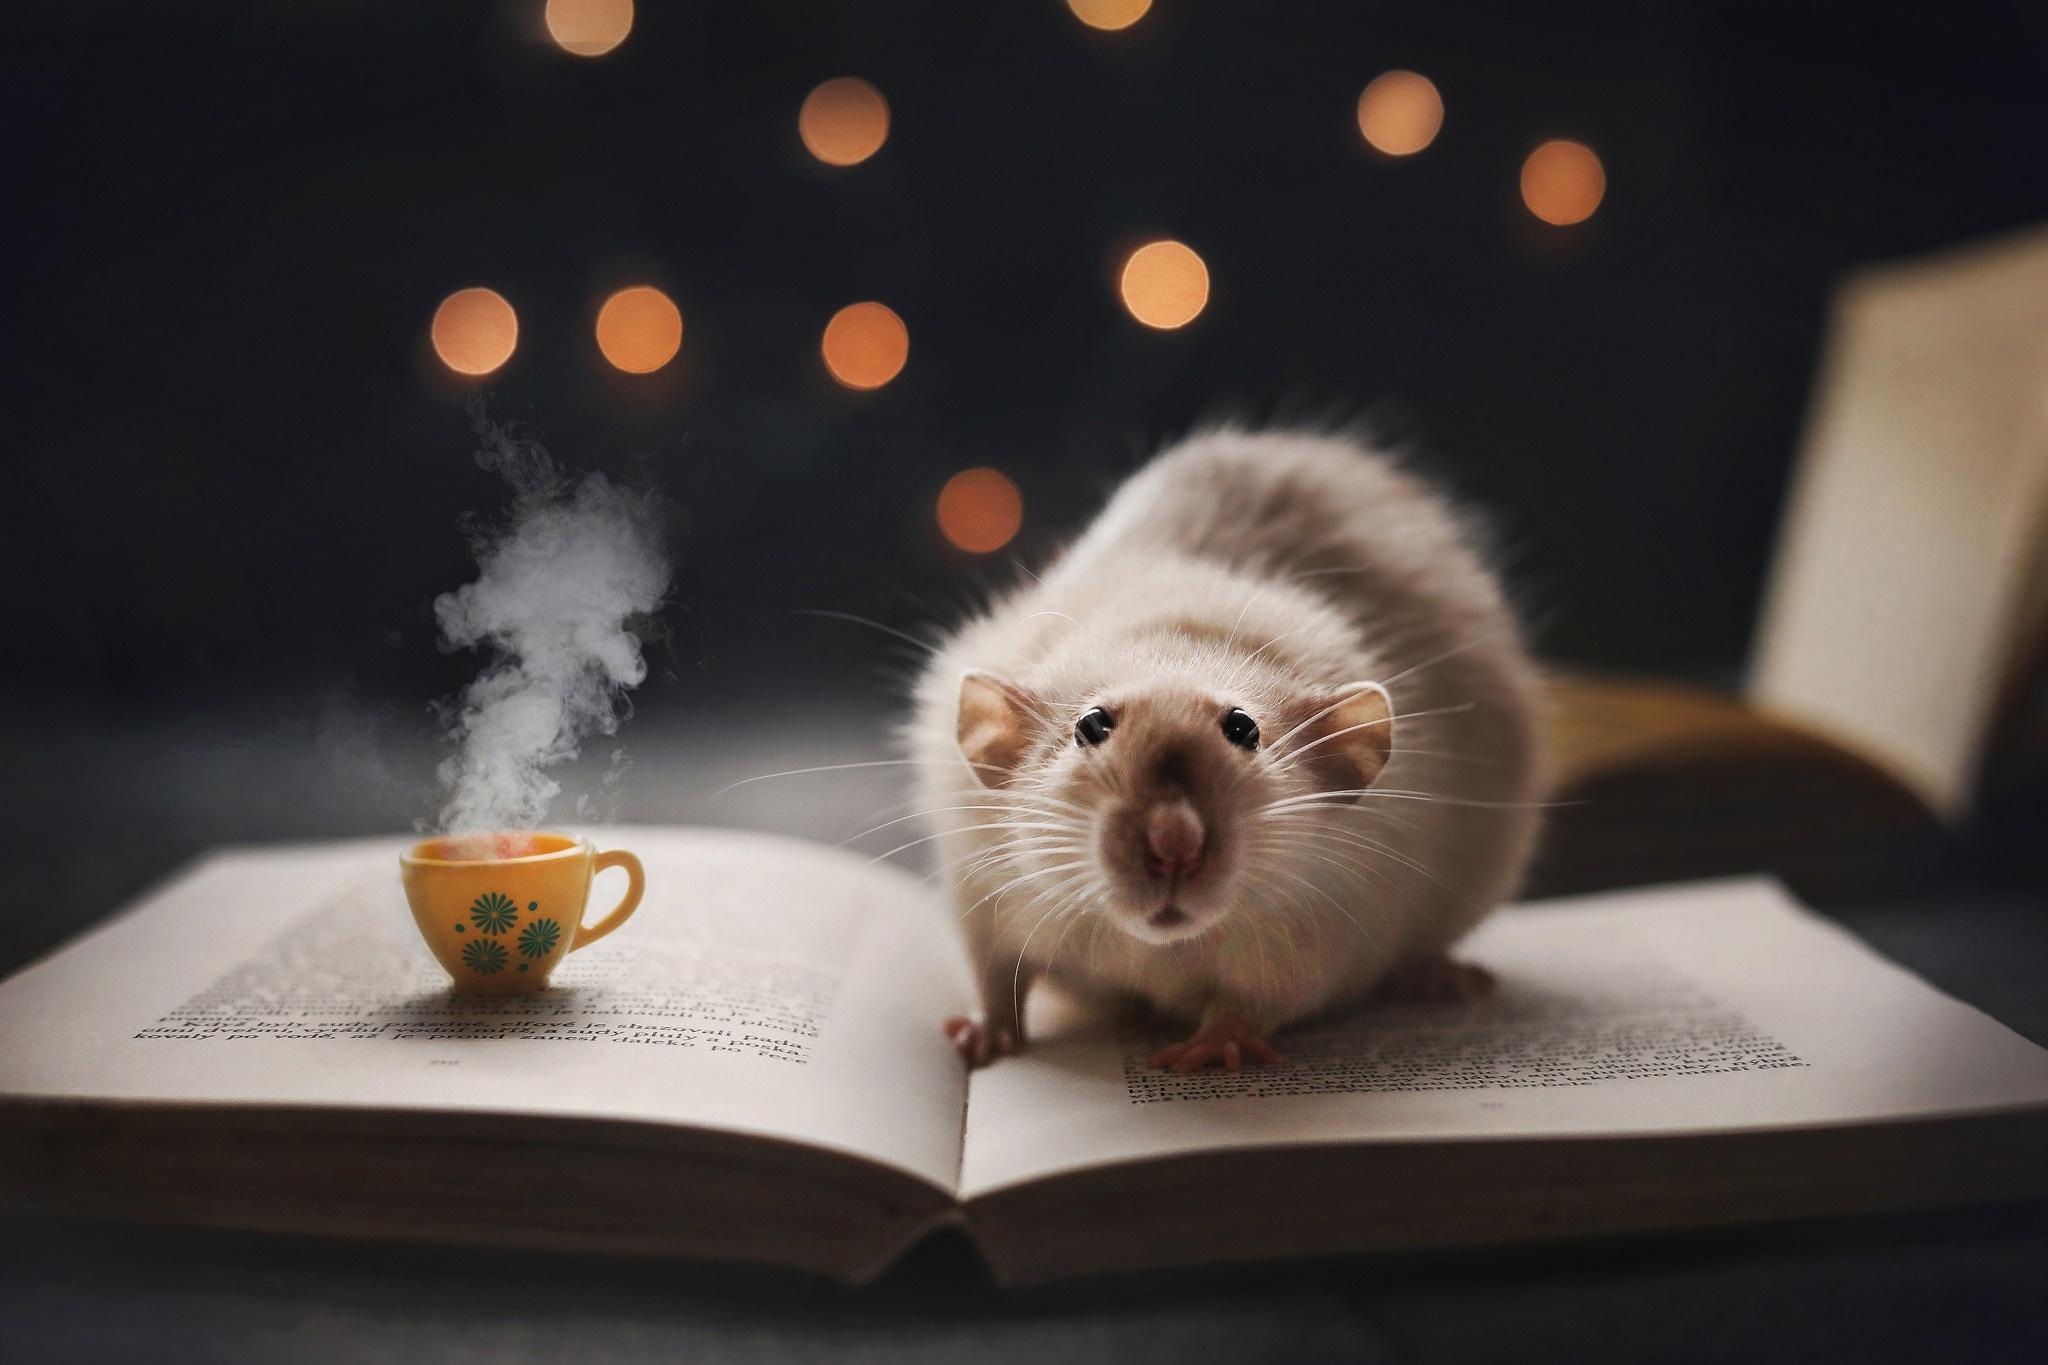 Картинка: Крыса, книга, кружка, боке